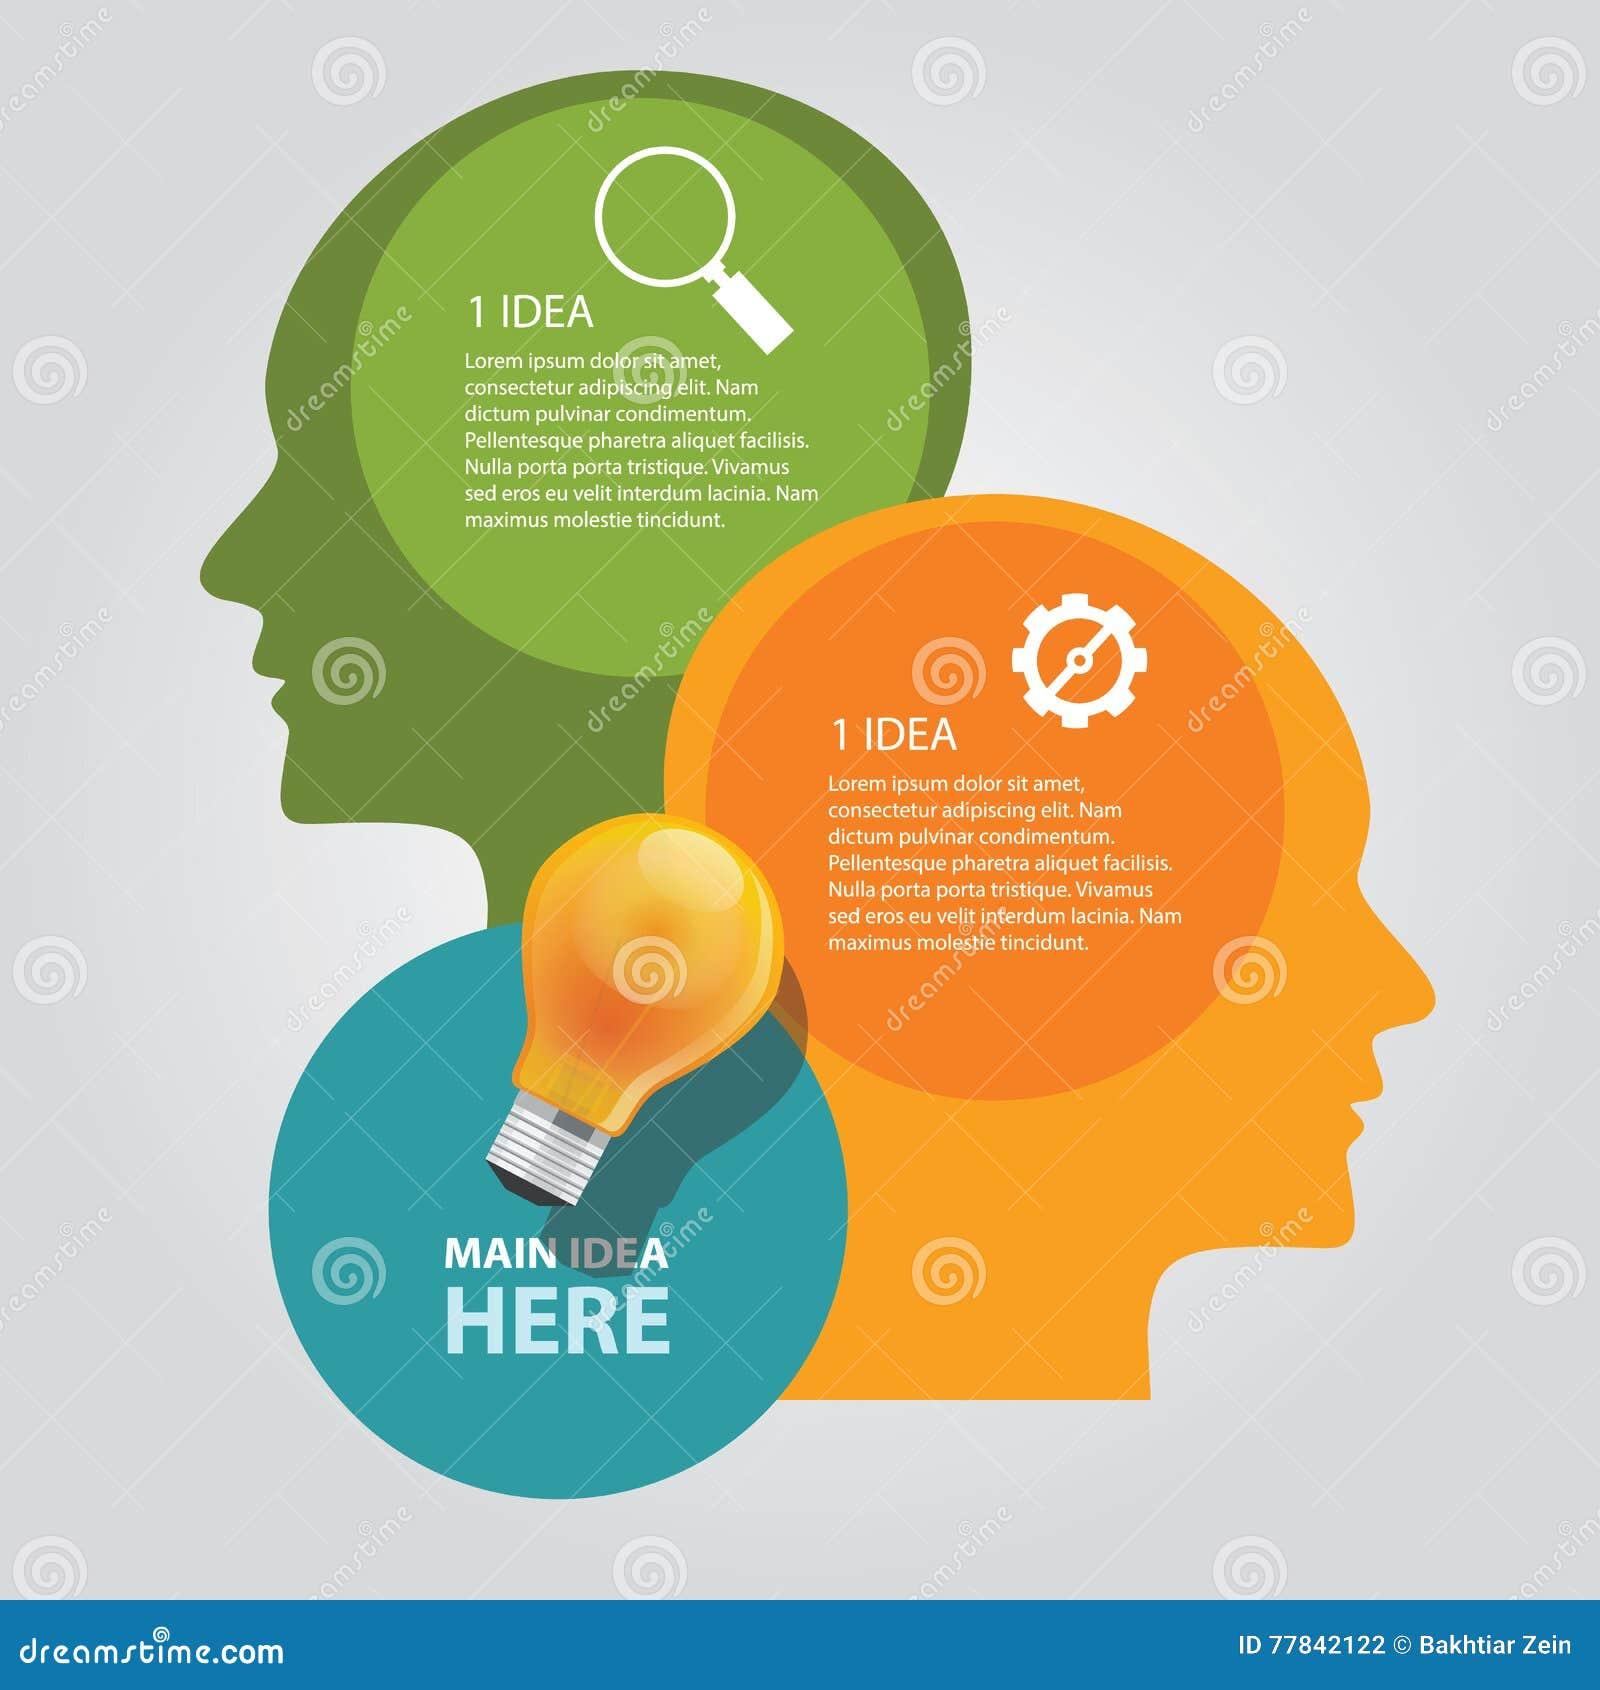 两顶头想法的信息图表图交叠电灯泡想法企业亮光